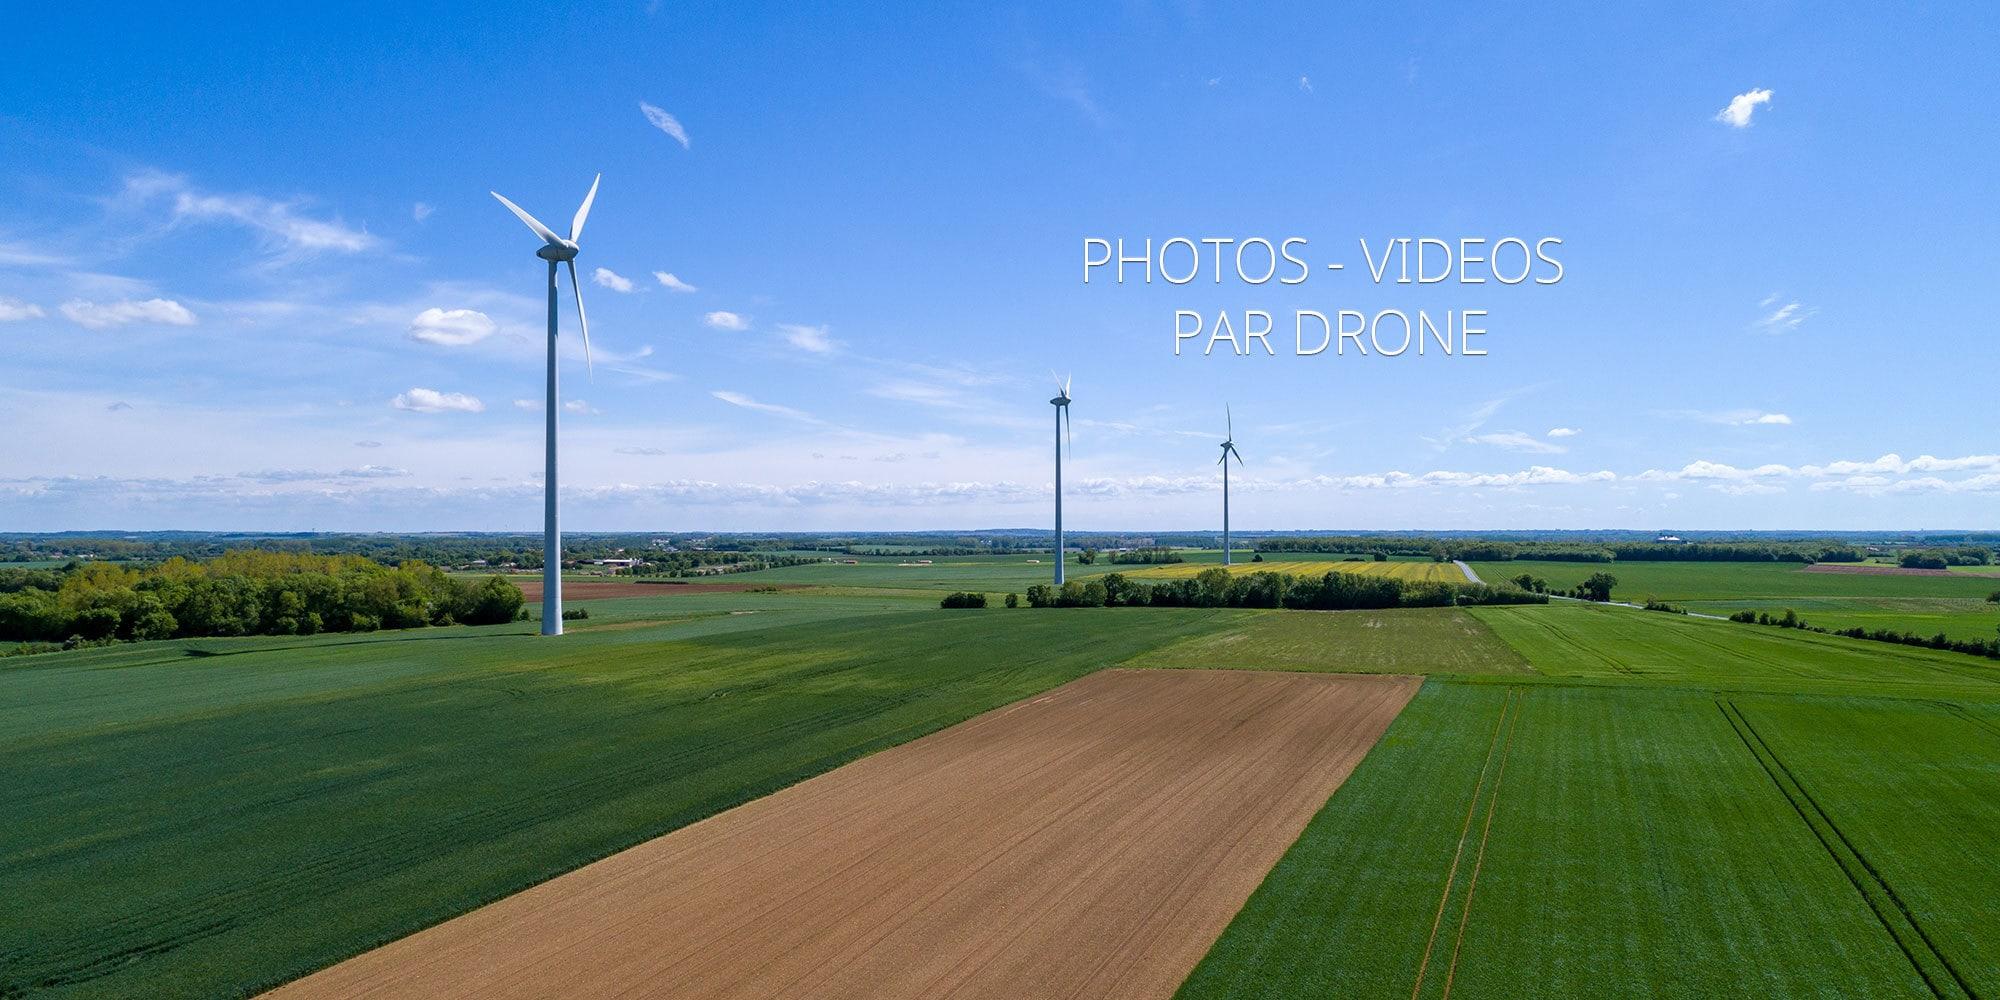 photo_drone_la-rochelle-charente-maritime-17